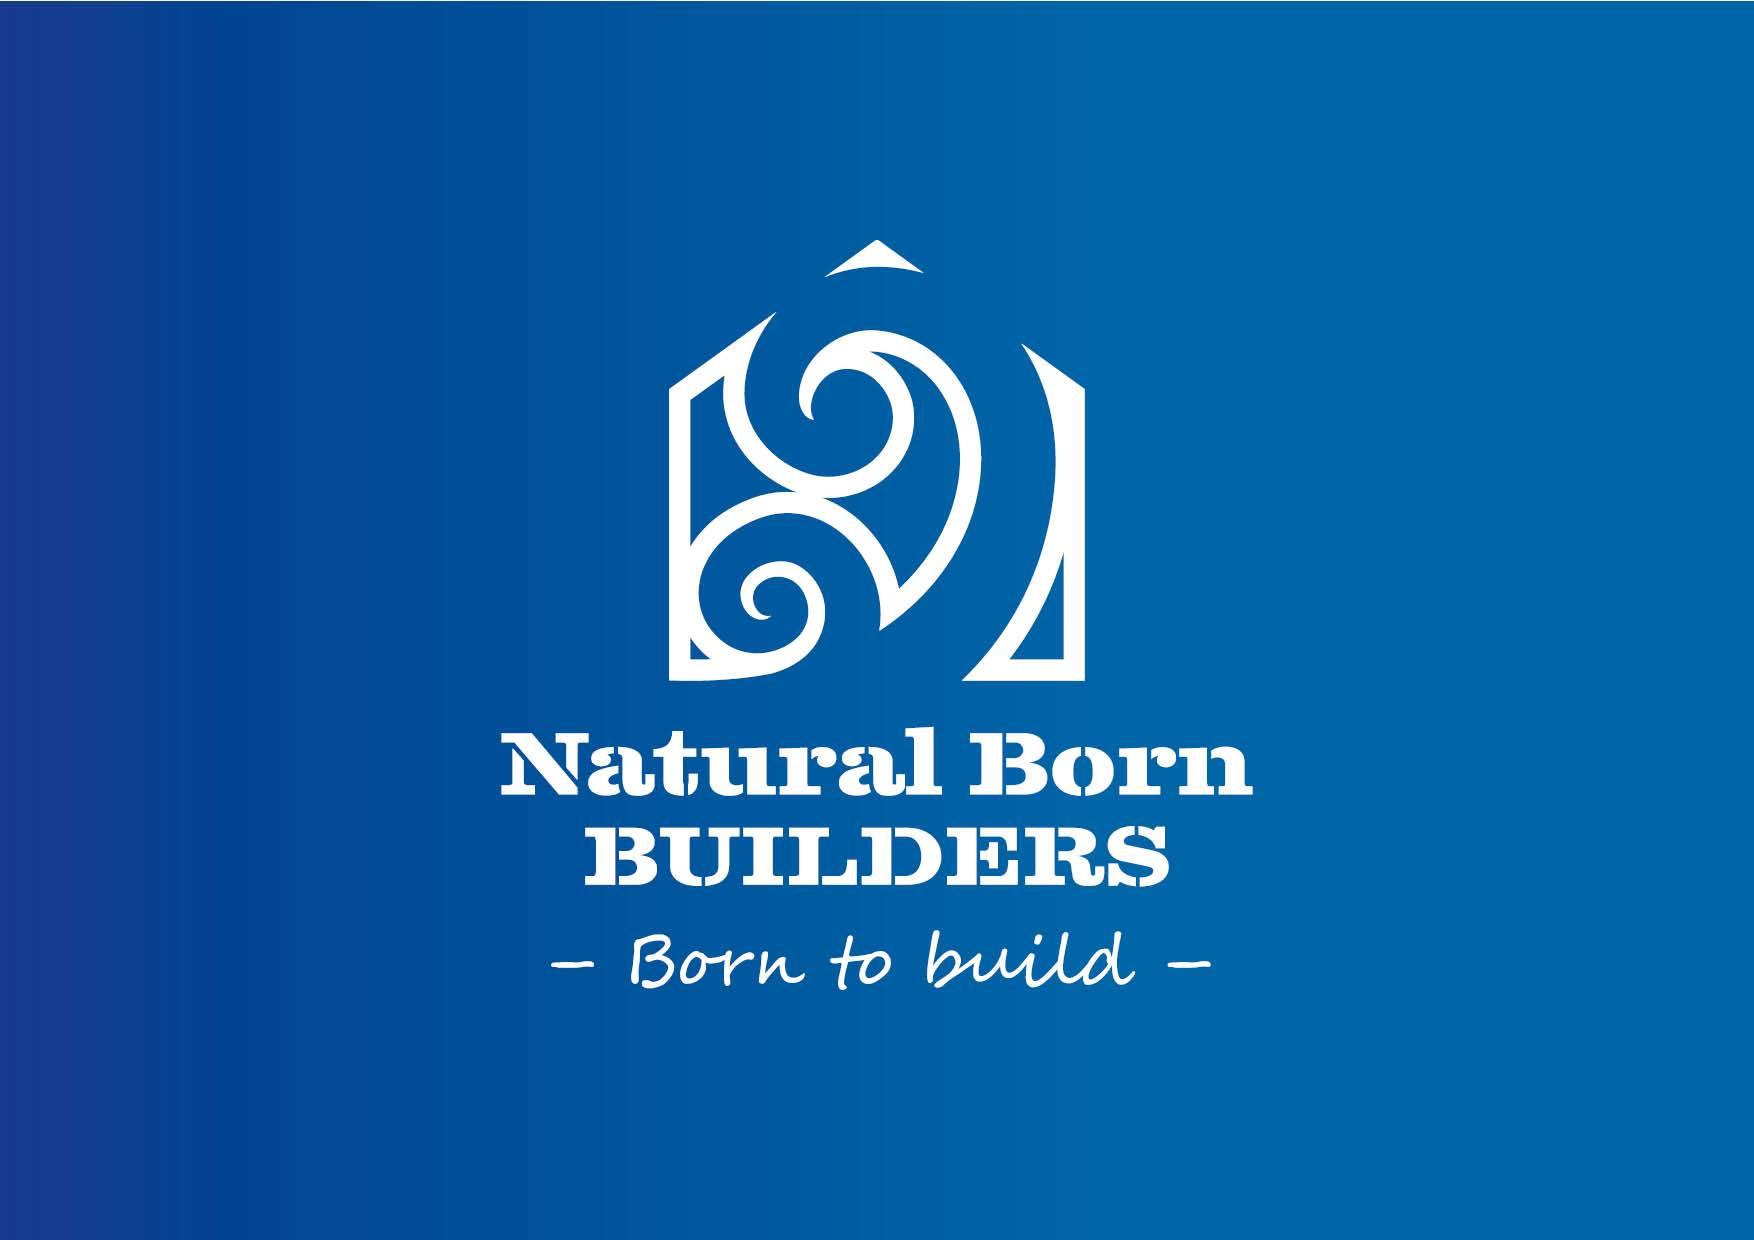 NBB logo.jpg